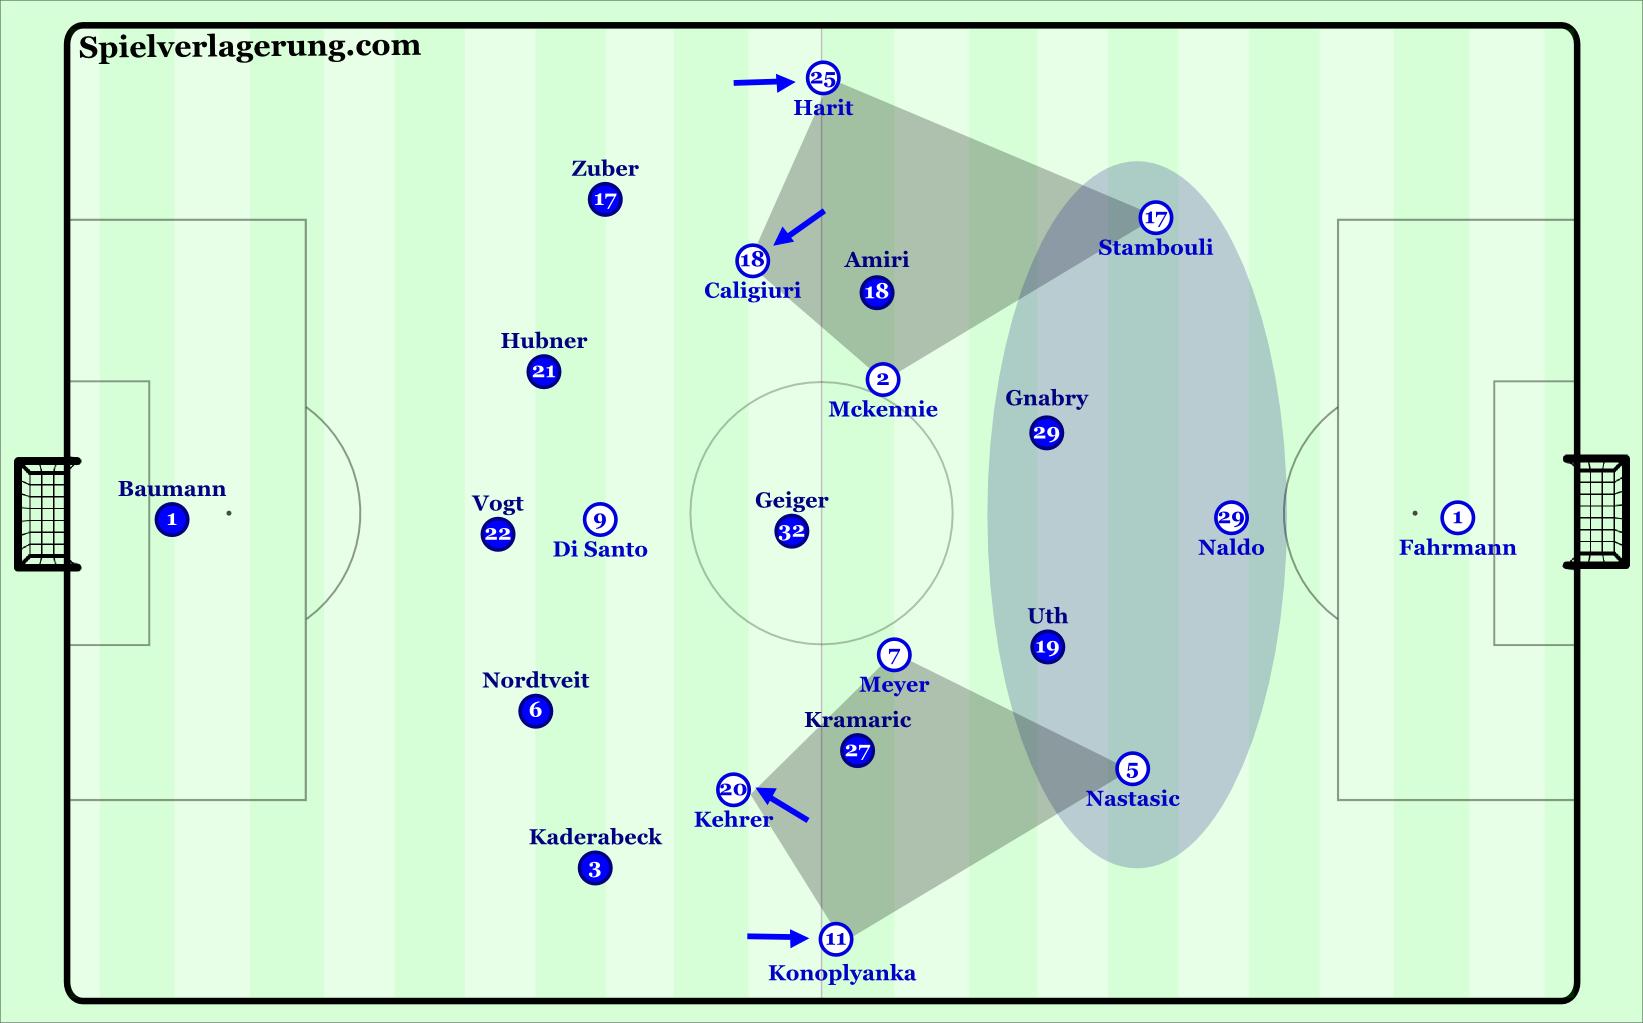 Schalke's 3-4-3